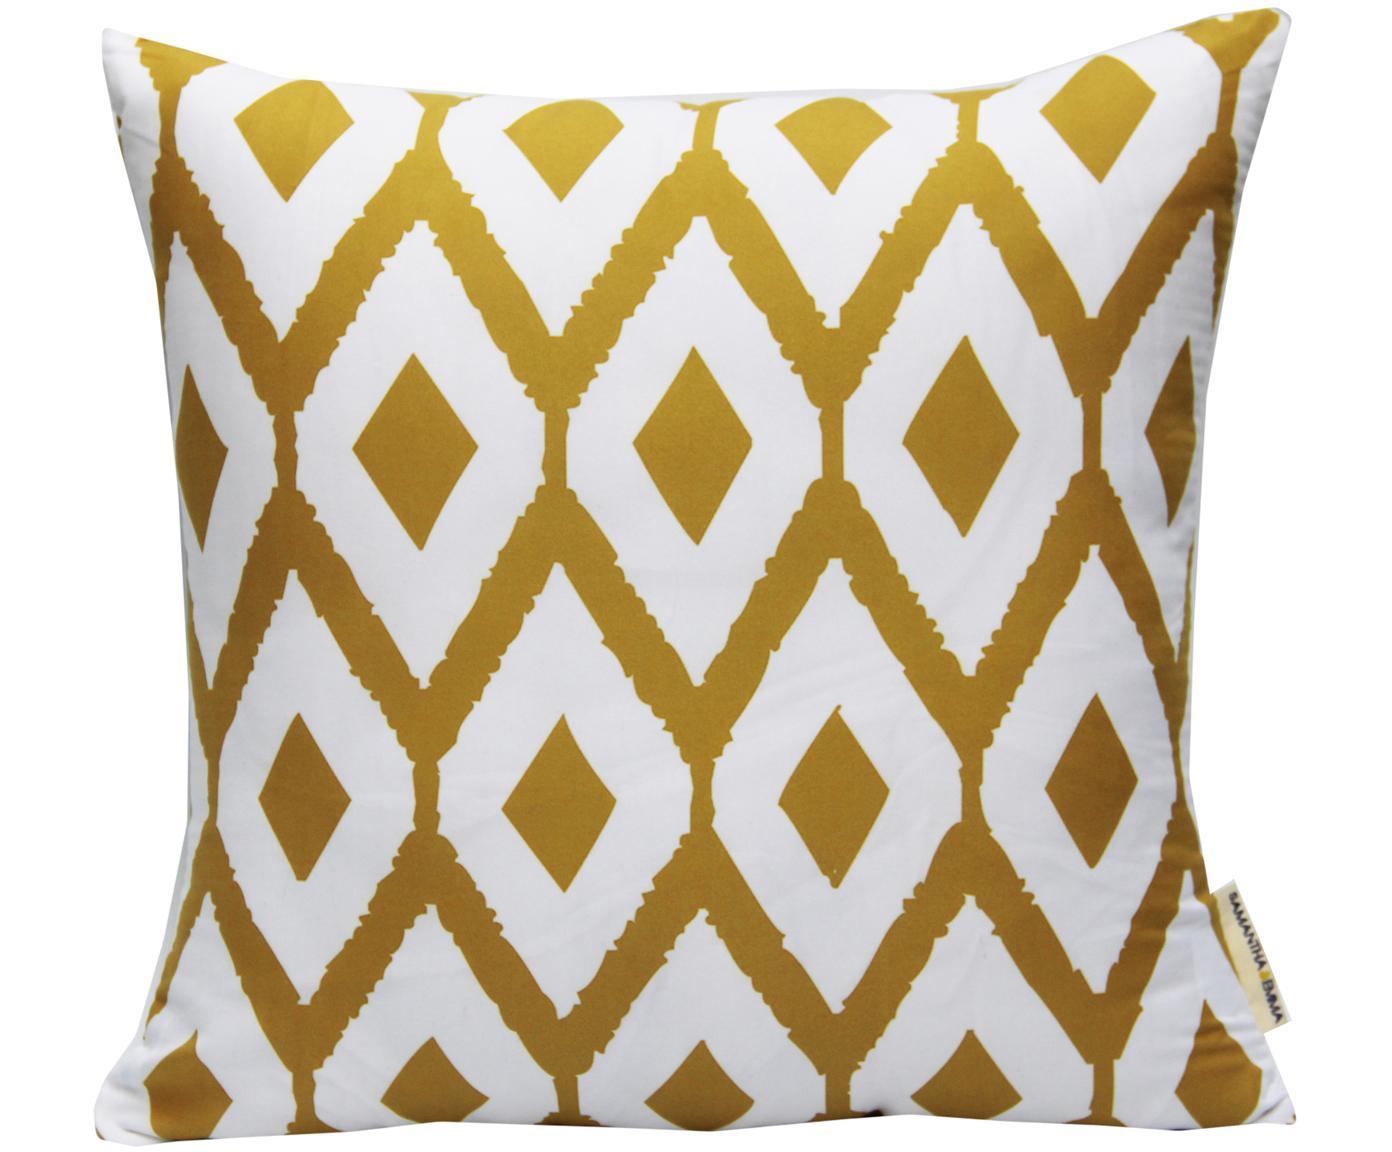 Poszewka na poduszkę Barbara, Poliester, Biały, żółty, S 40 x D 40 cm